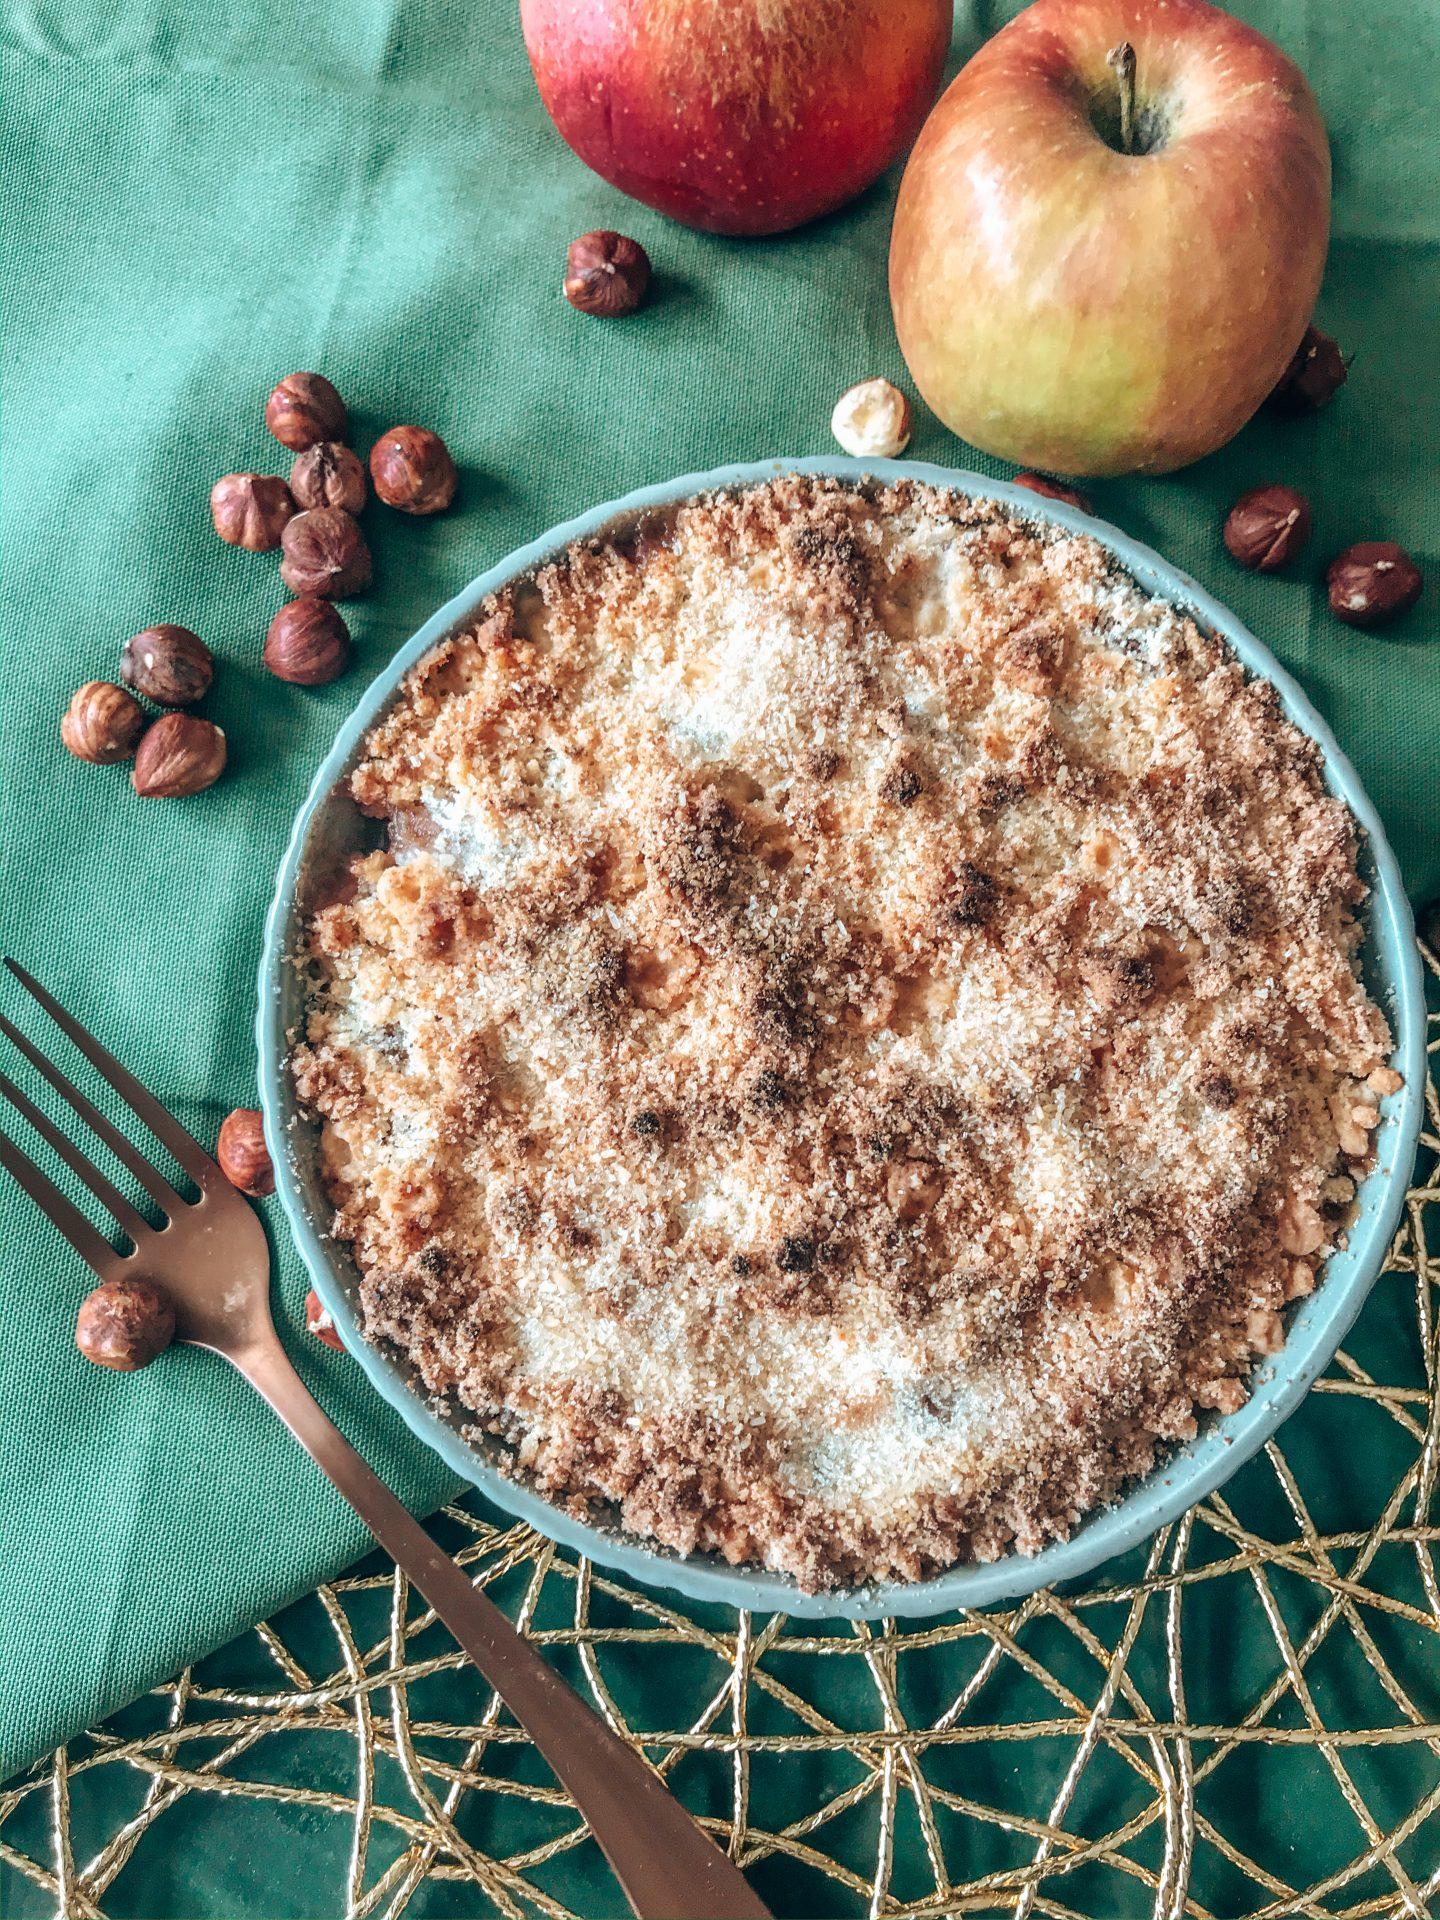 crumble aux pommes et coco avec deux pommes rouges, des noisettes et une fourchette.